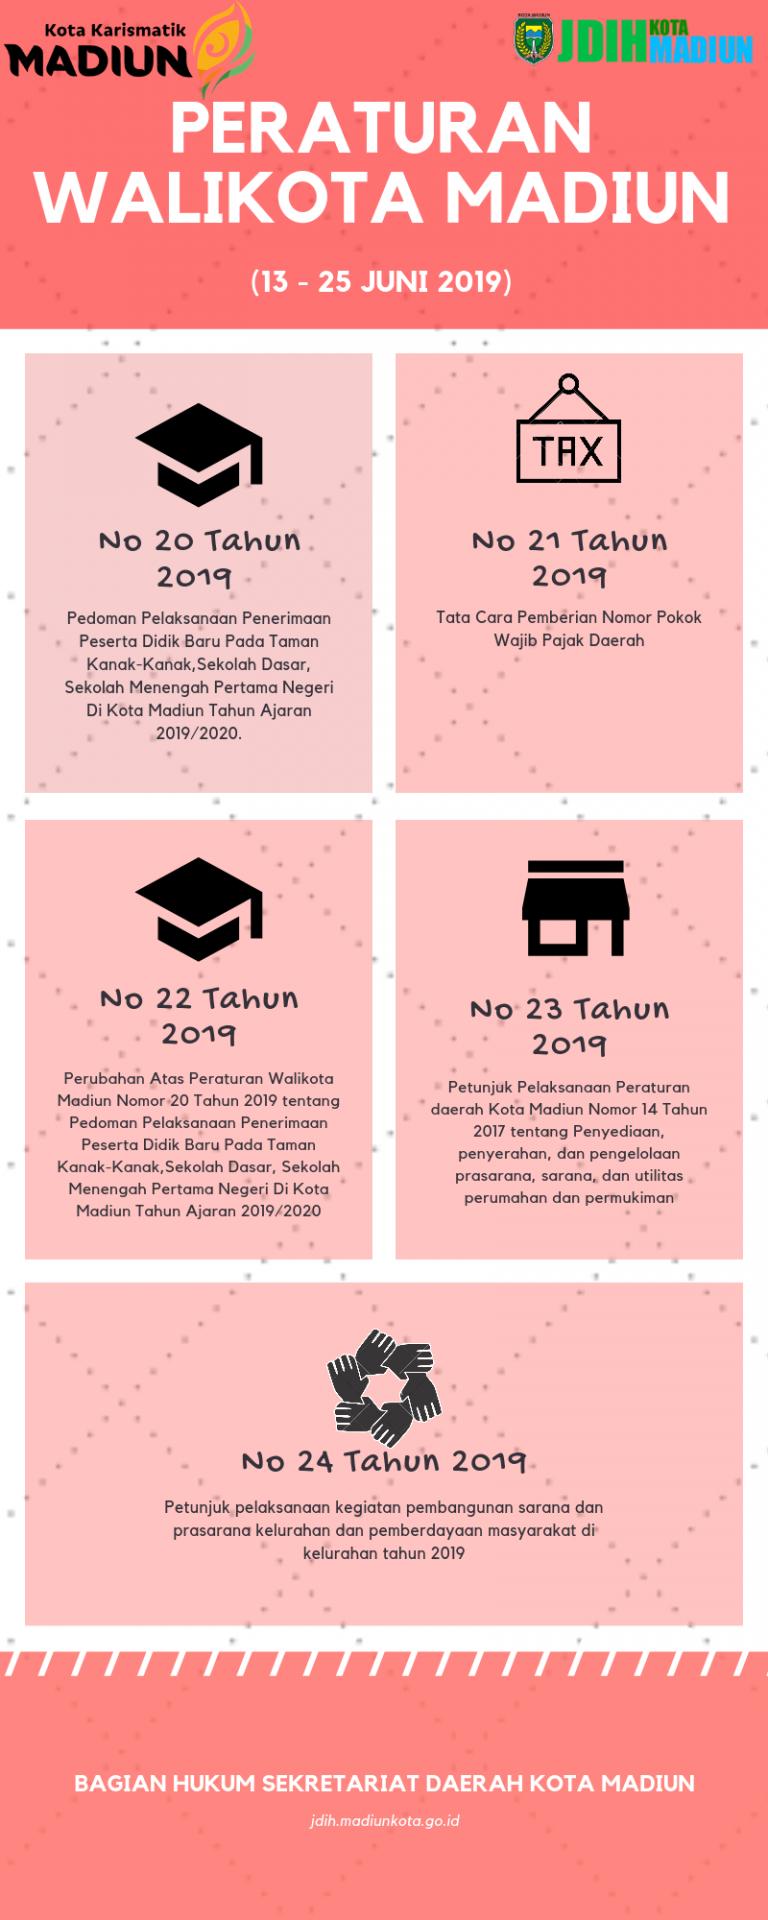 UPDATE : Peraturan Walikota Madiun Tahun 2019 (13-25 Juni 2019)